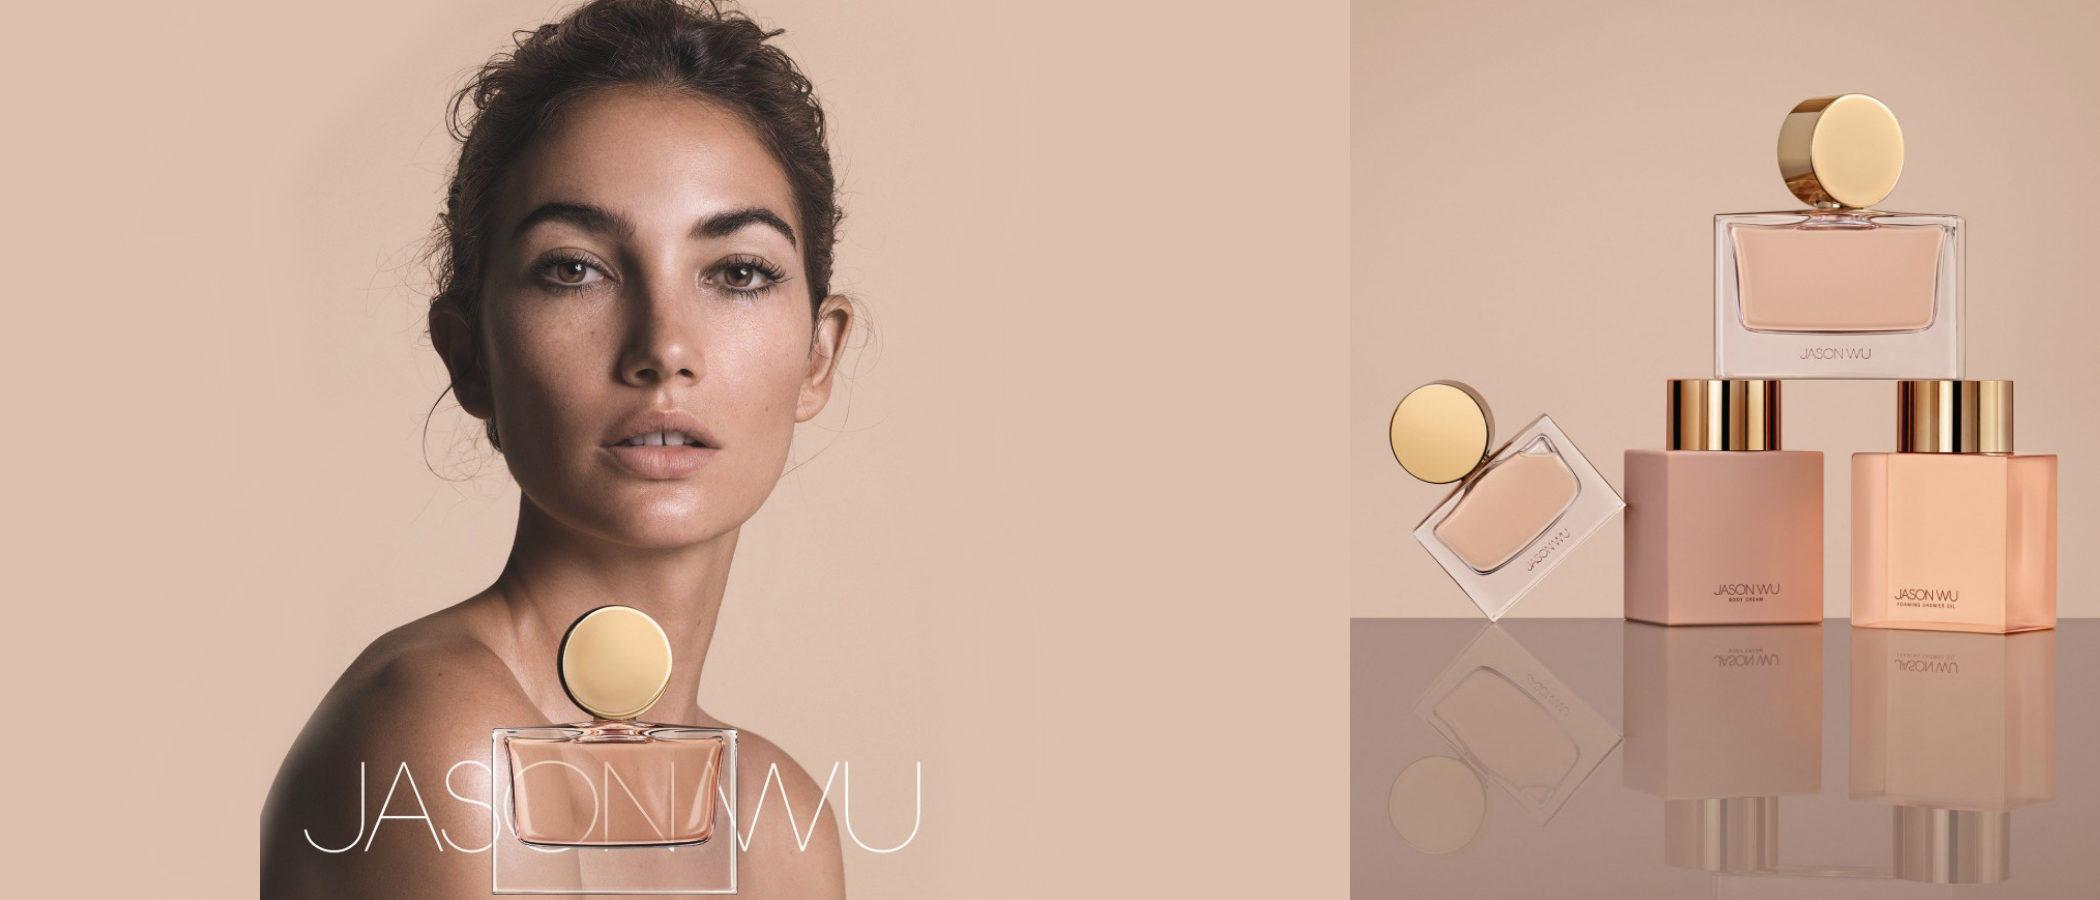 Jason Wu se estrena en el mundo de la perfumería con su primera fragancia homónima